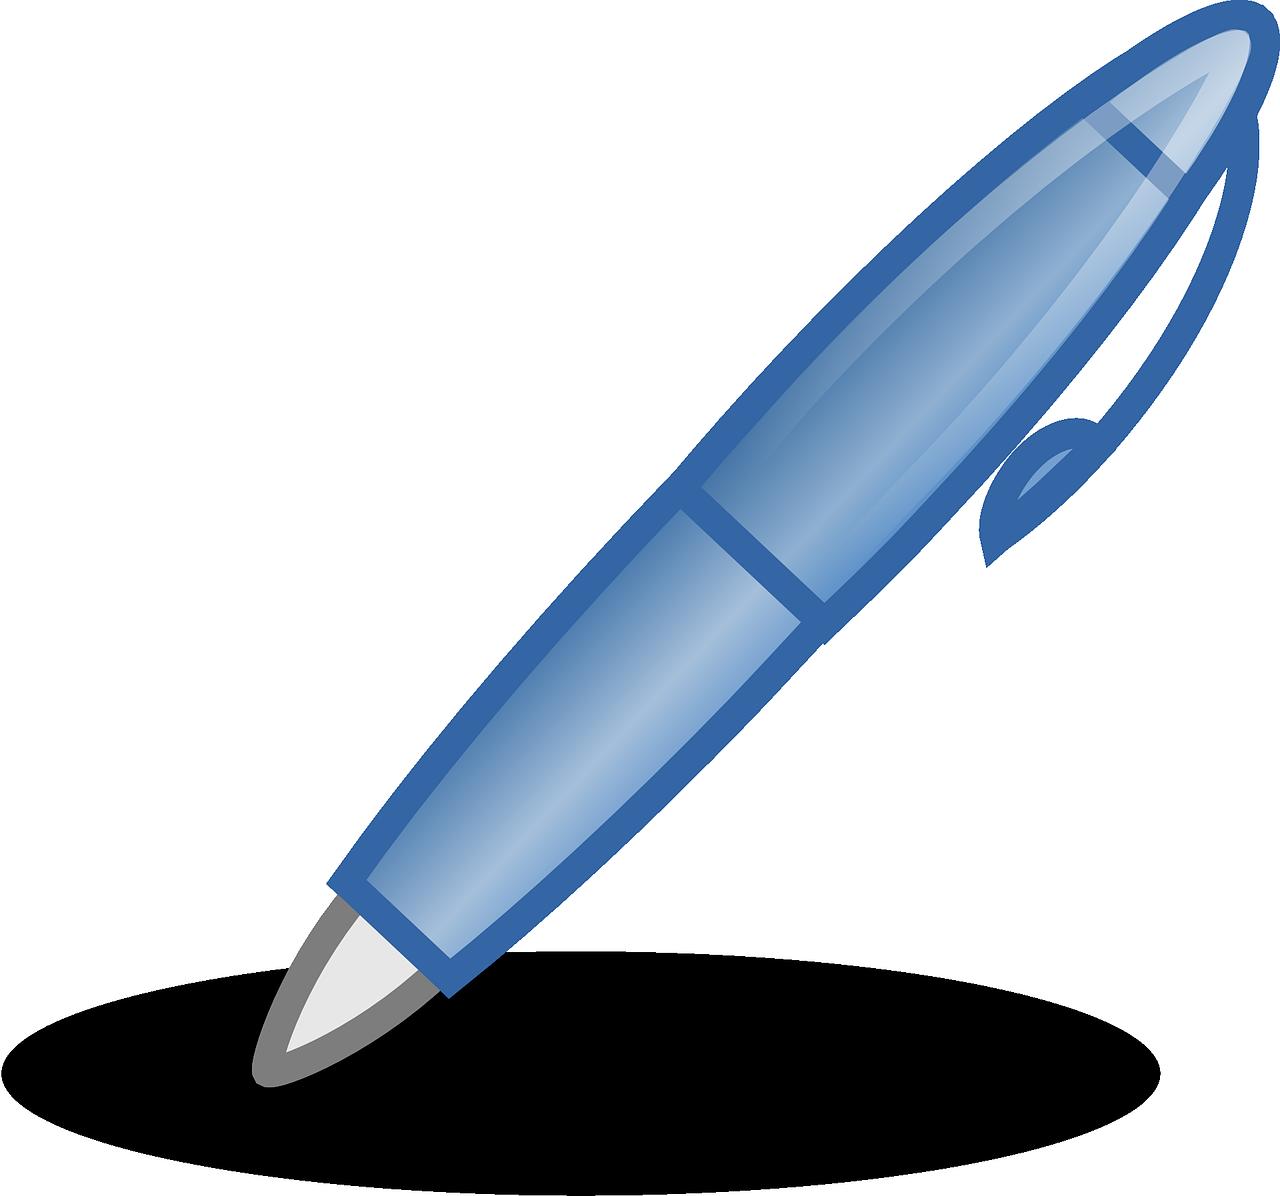 pen-147980_1280